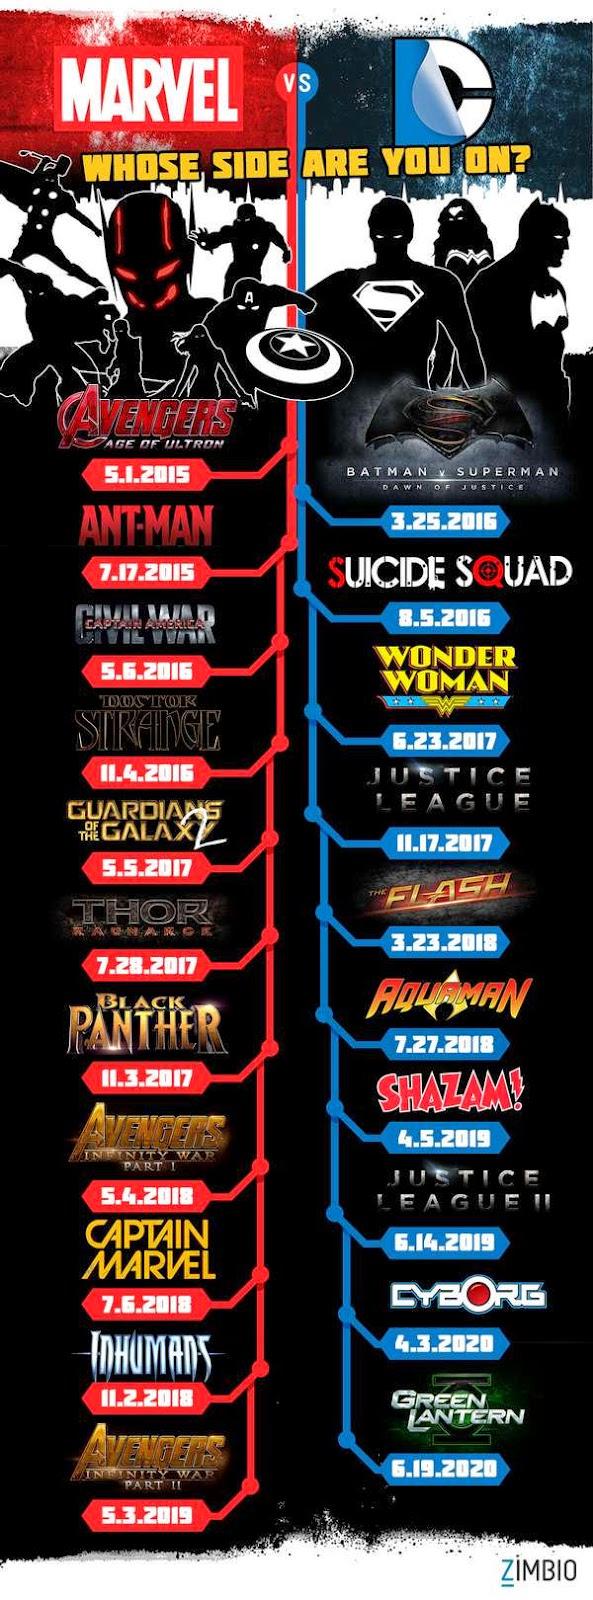 Marvel Vs. DC: Superhéroes asegurados hasta el 2020